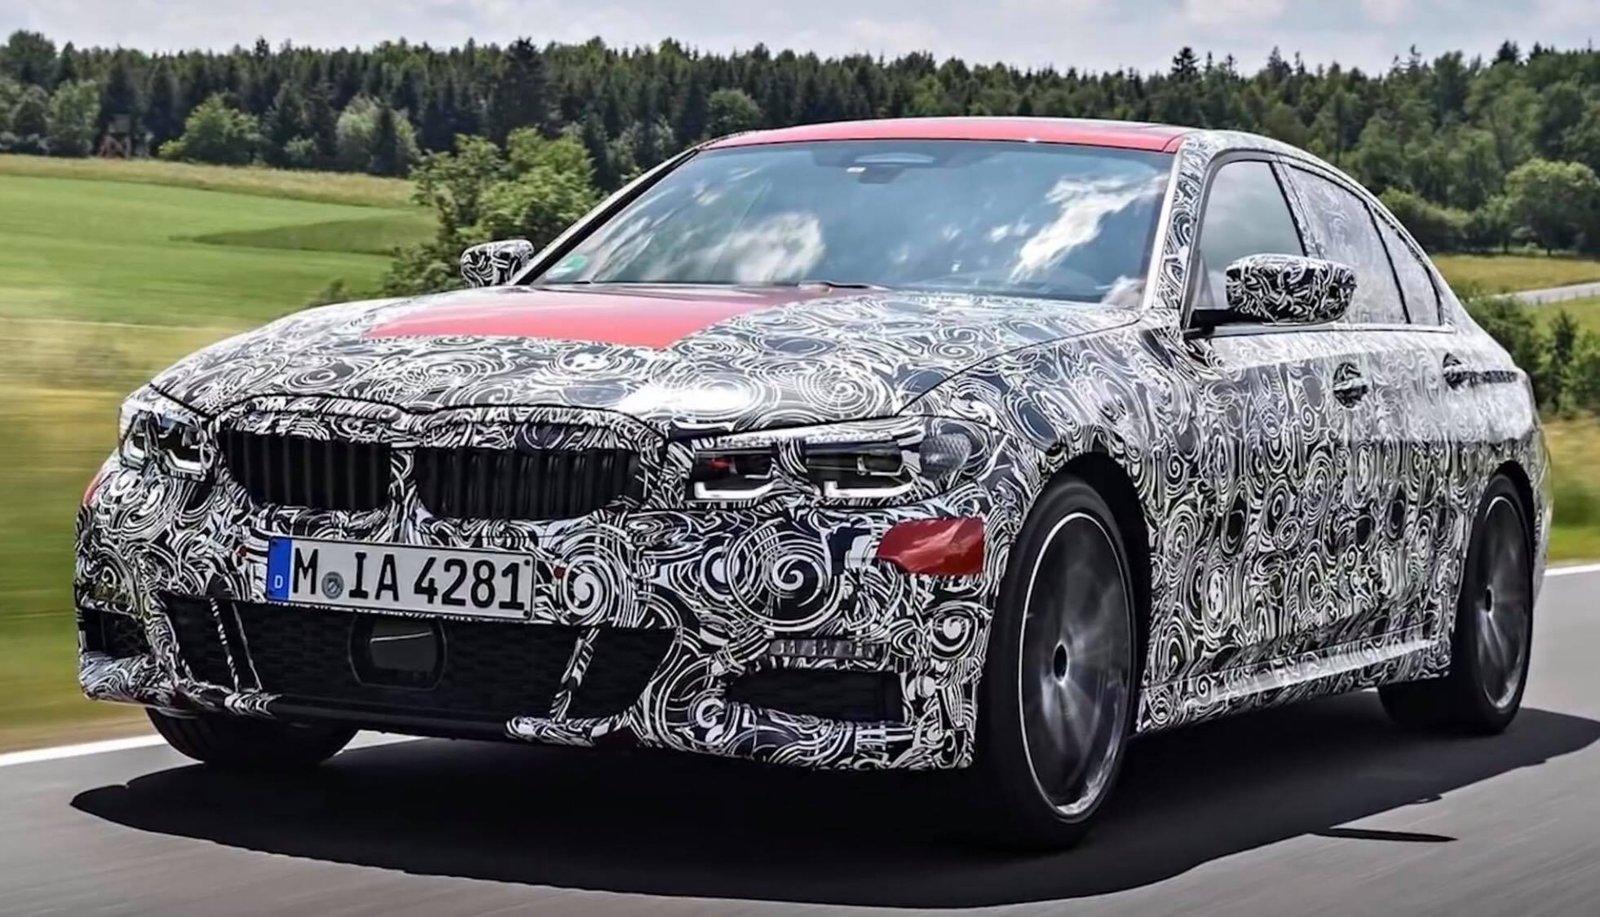 BMW-G20-3-Series-pre-drive-1.jpg